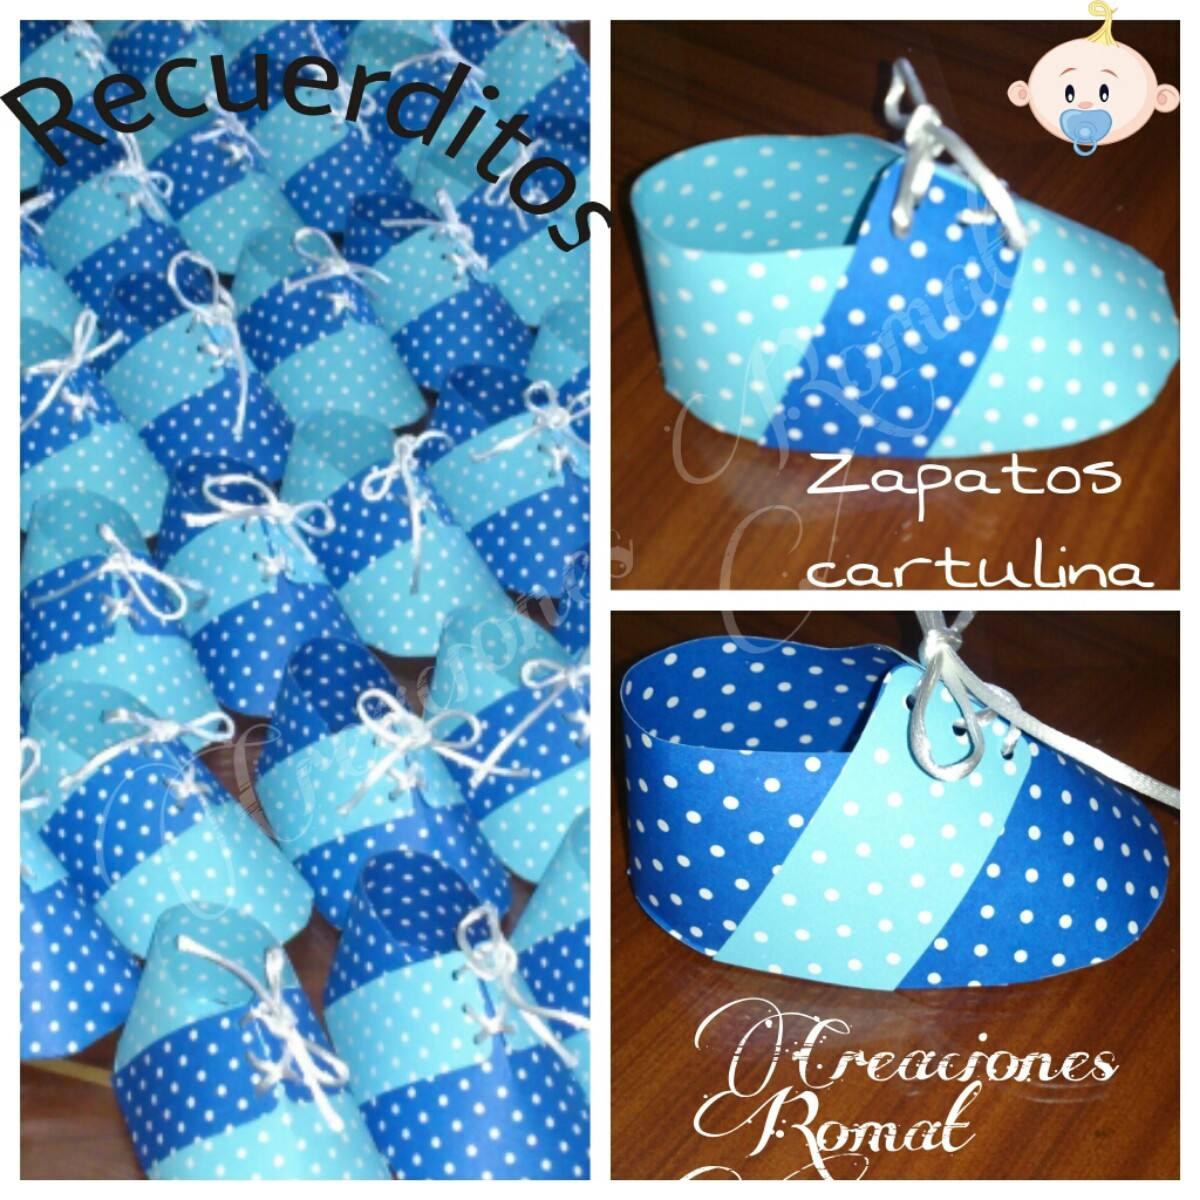 Souvenirs Para Baby Showers Para Varon ~ Recuerditos para varón zapatitos en cartulina baby